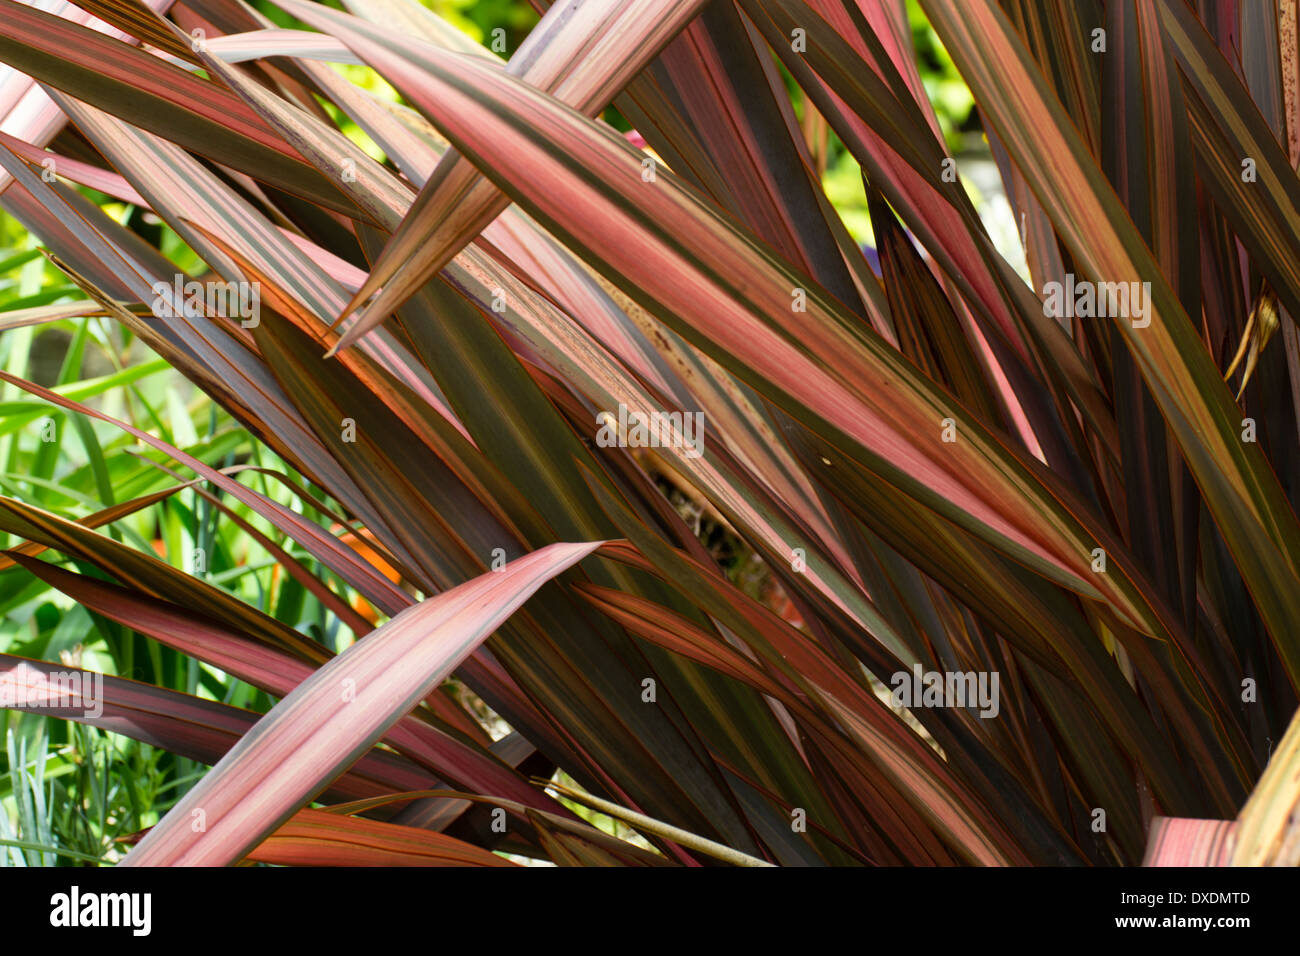 """Bunten Riemen wie Blätter von Phormium Cookianum """"Abendrot"""" Stockfoto"""